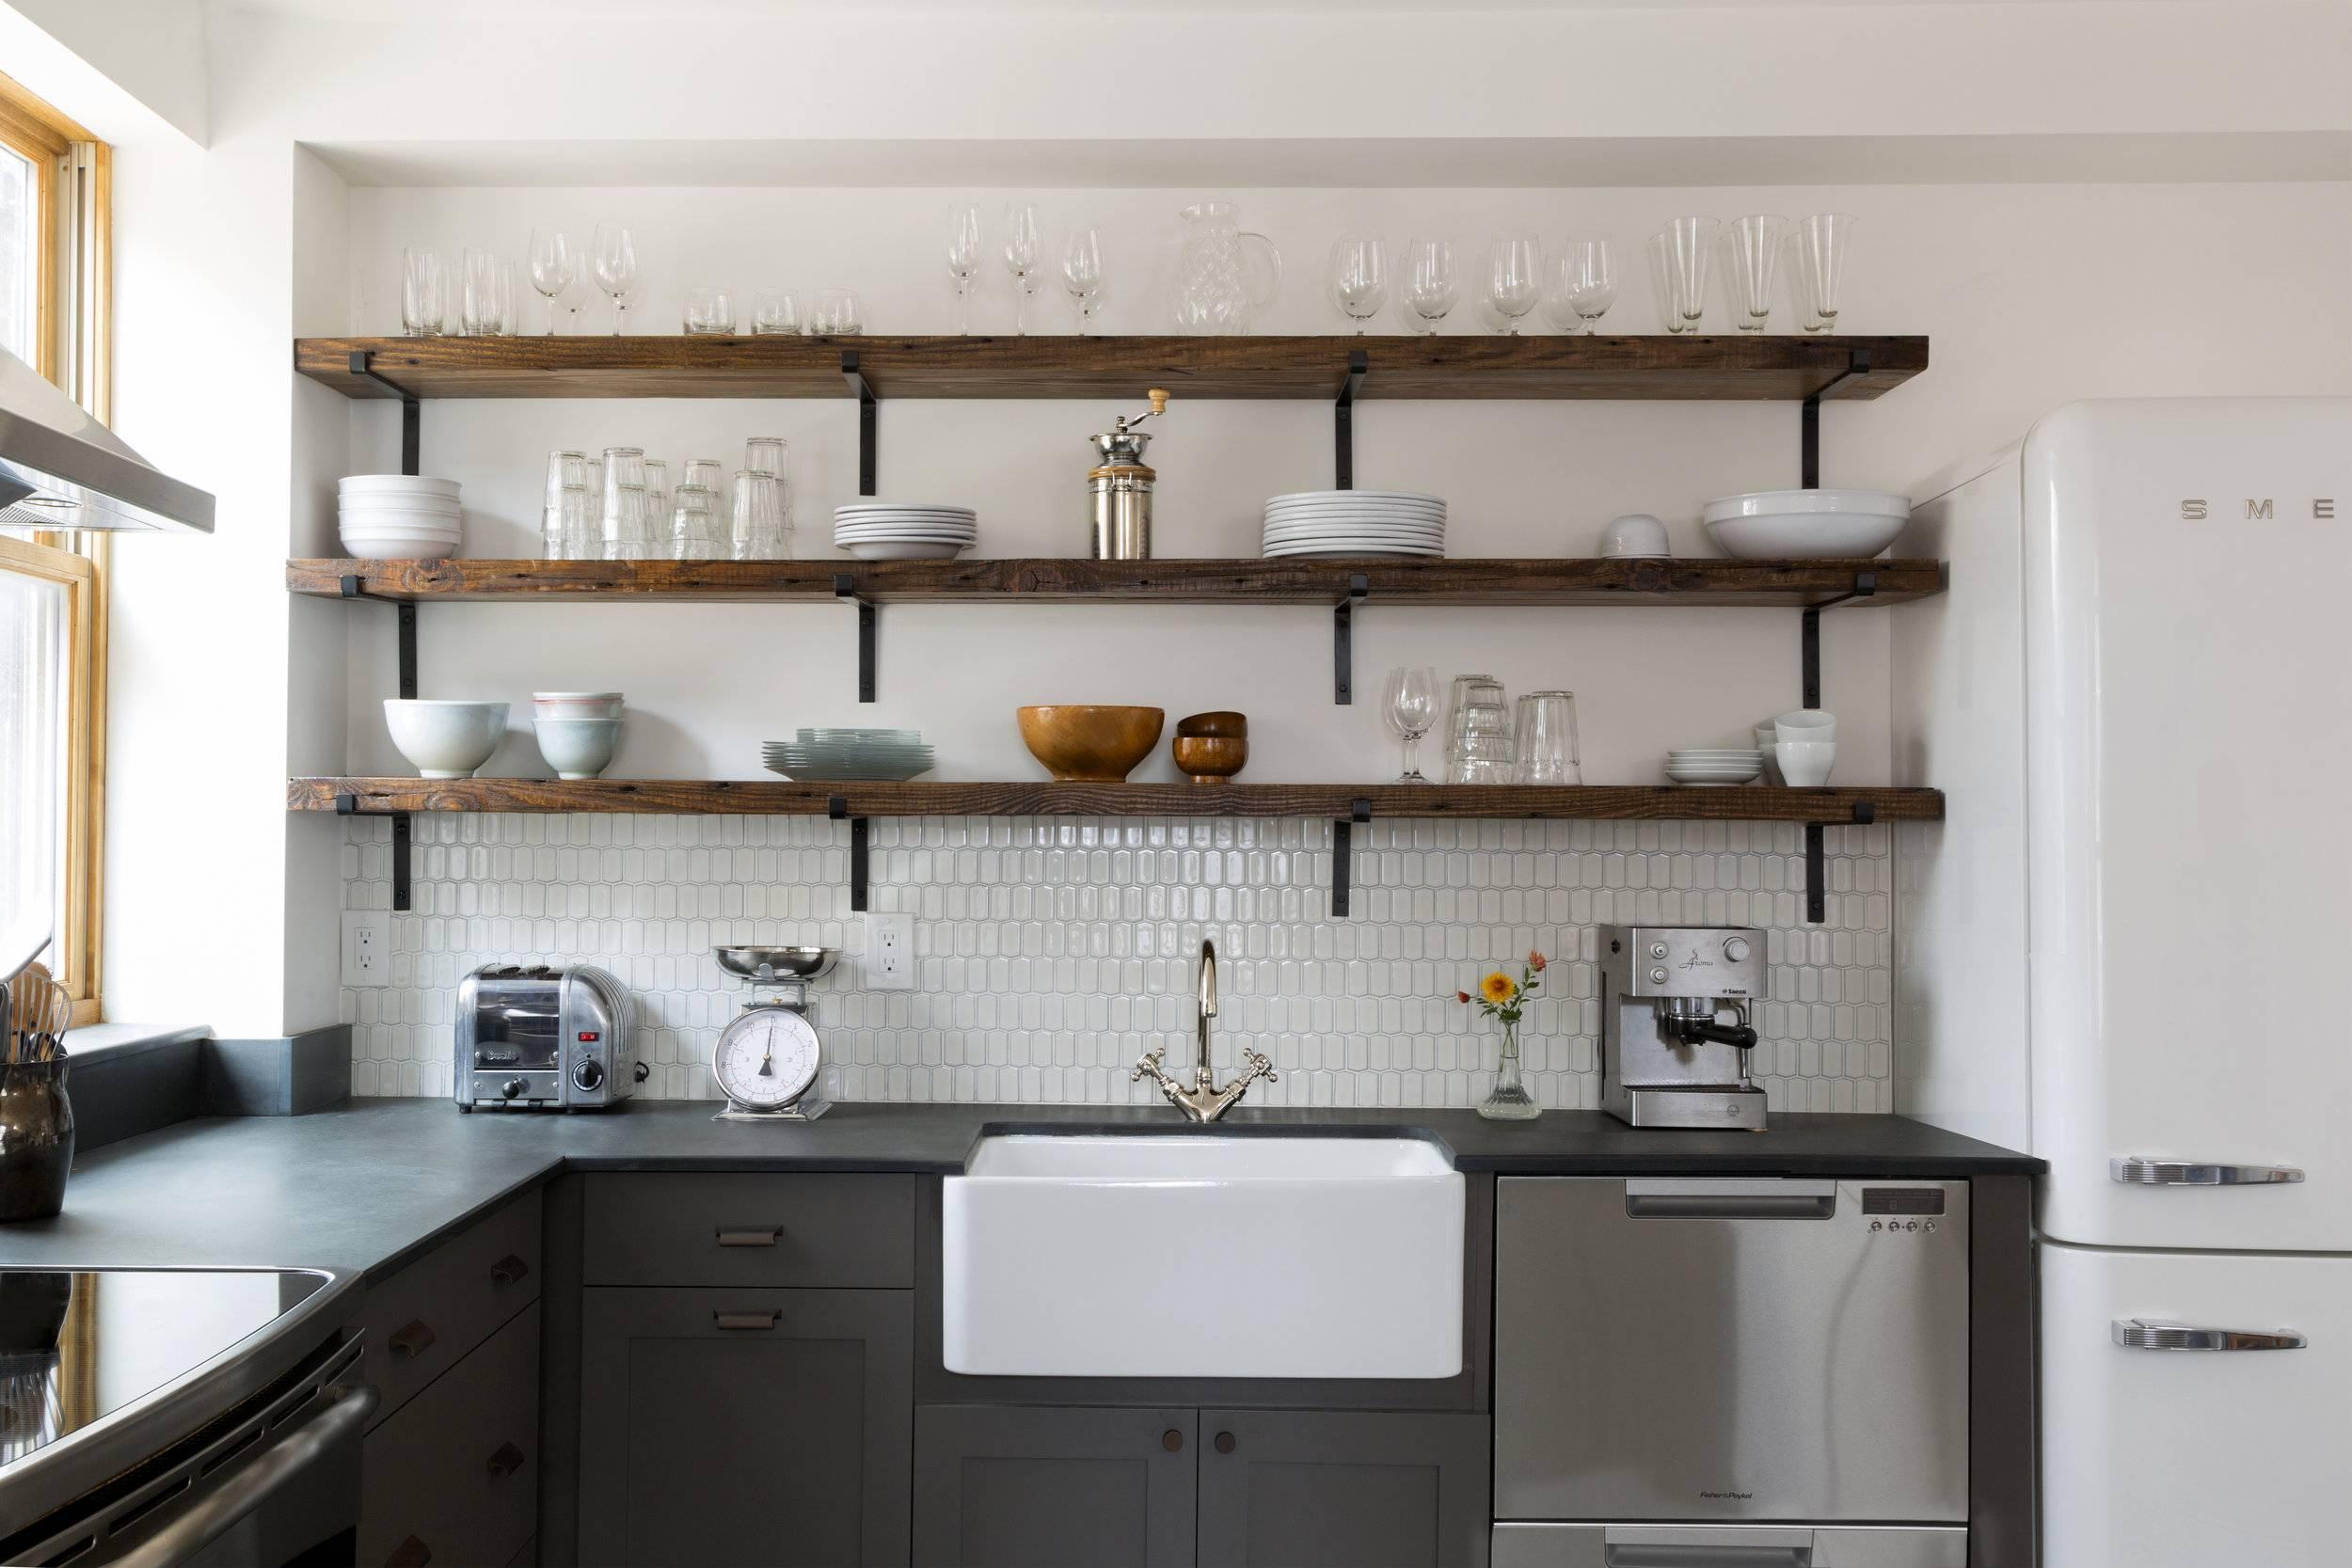 Открытые полки на кухне 2021. самые удивительные и практичные идеи